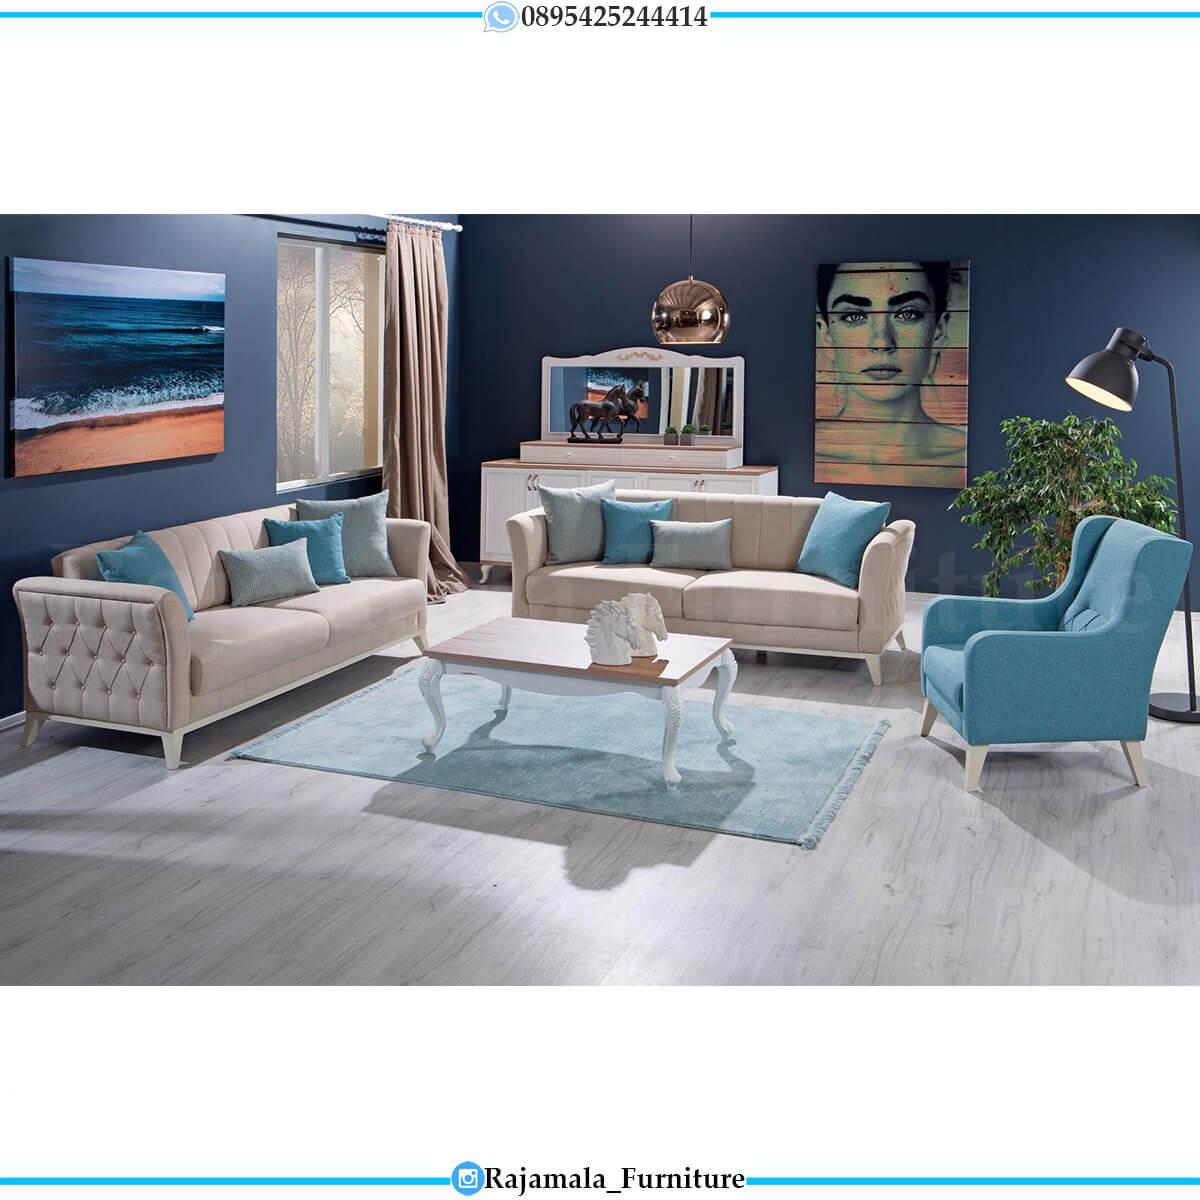 Sofa Tamu Minimalis Jepara Murah Meriah High Quality Item Mebel Jepara RM-0620